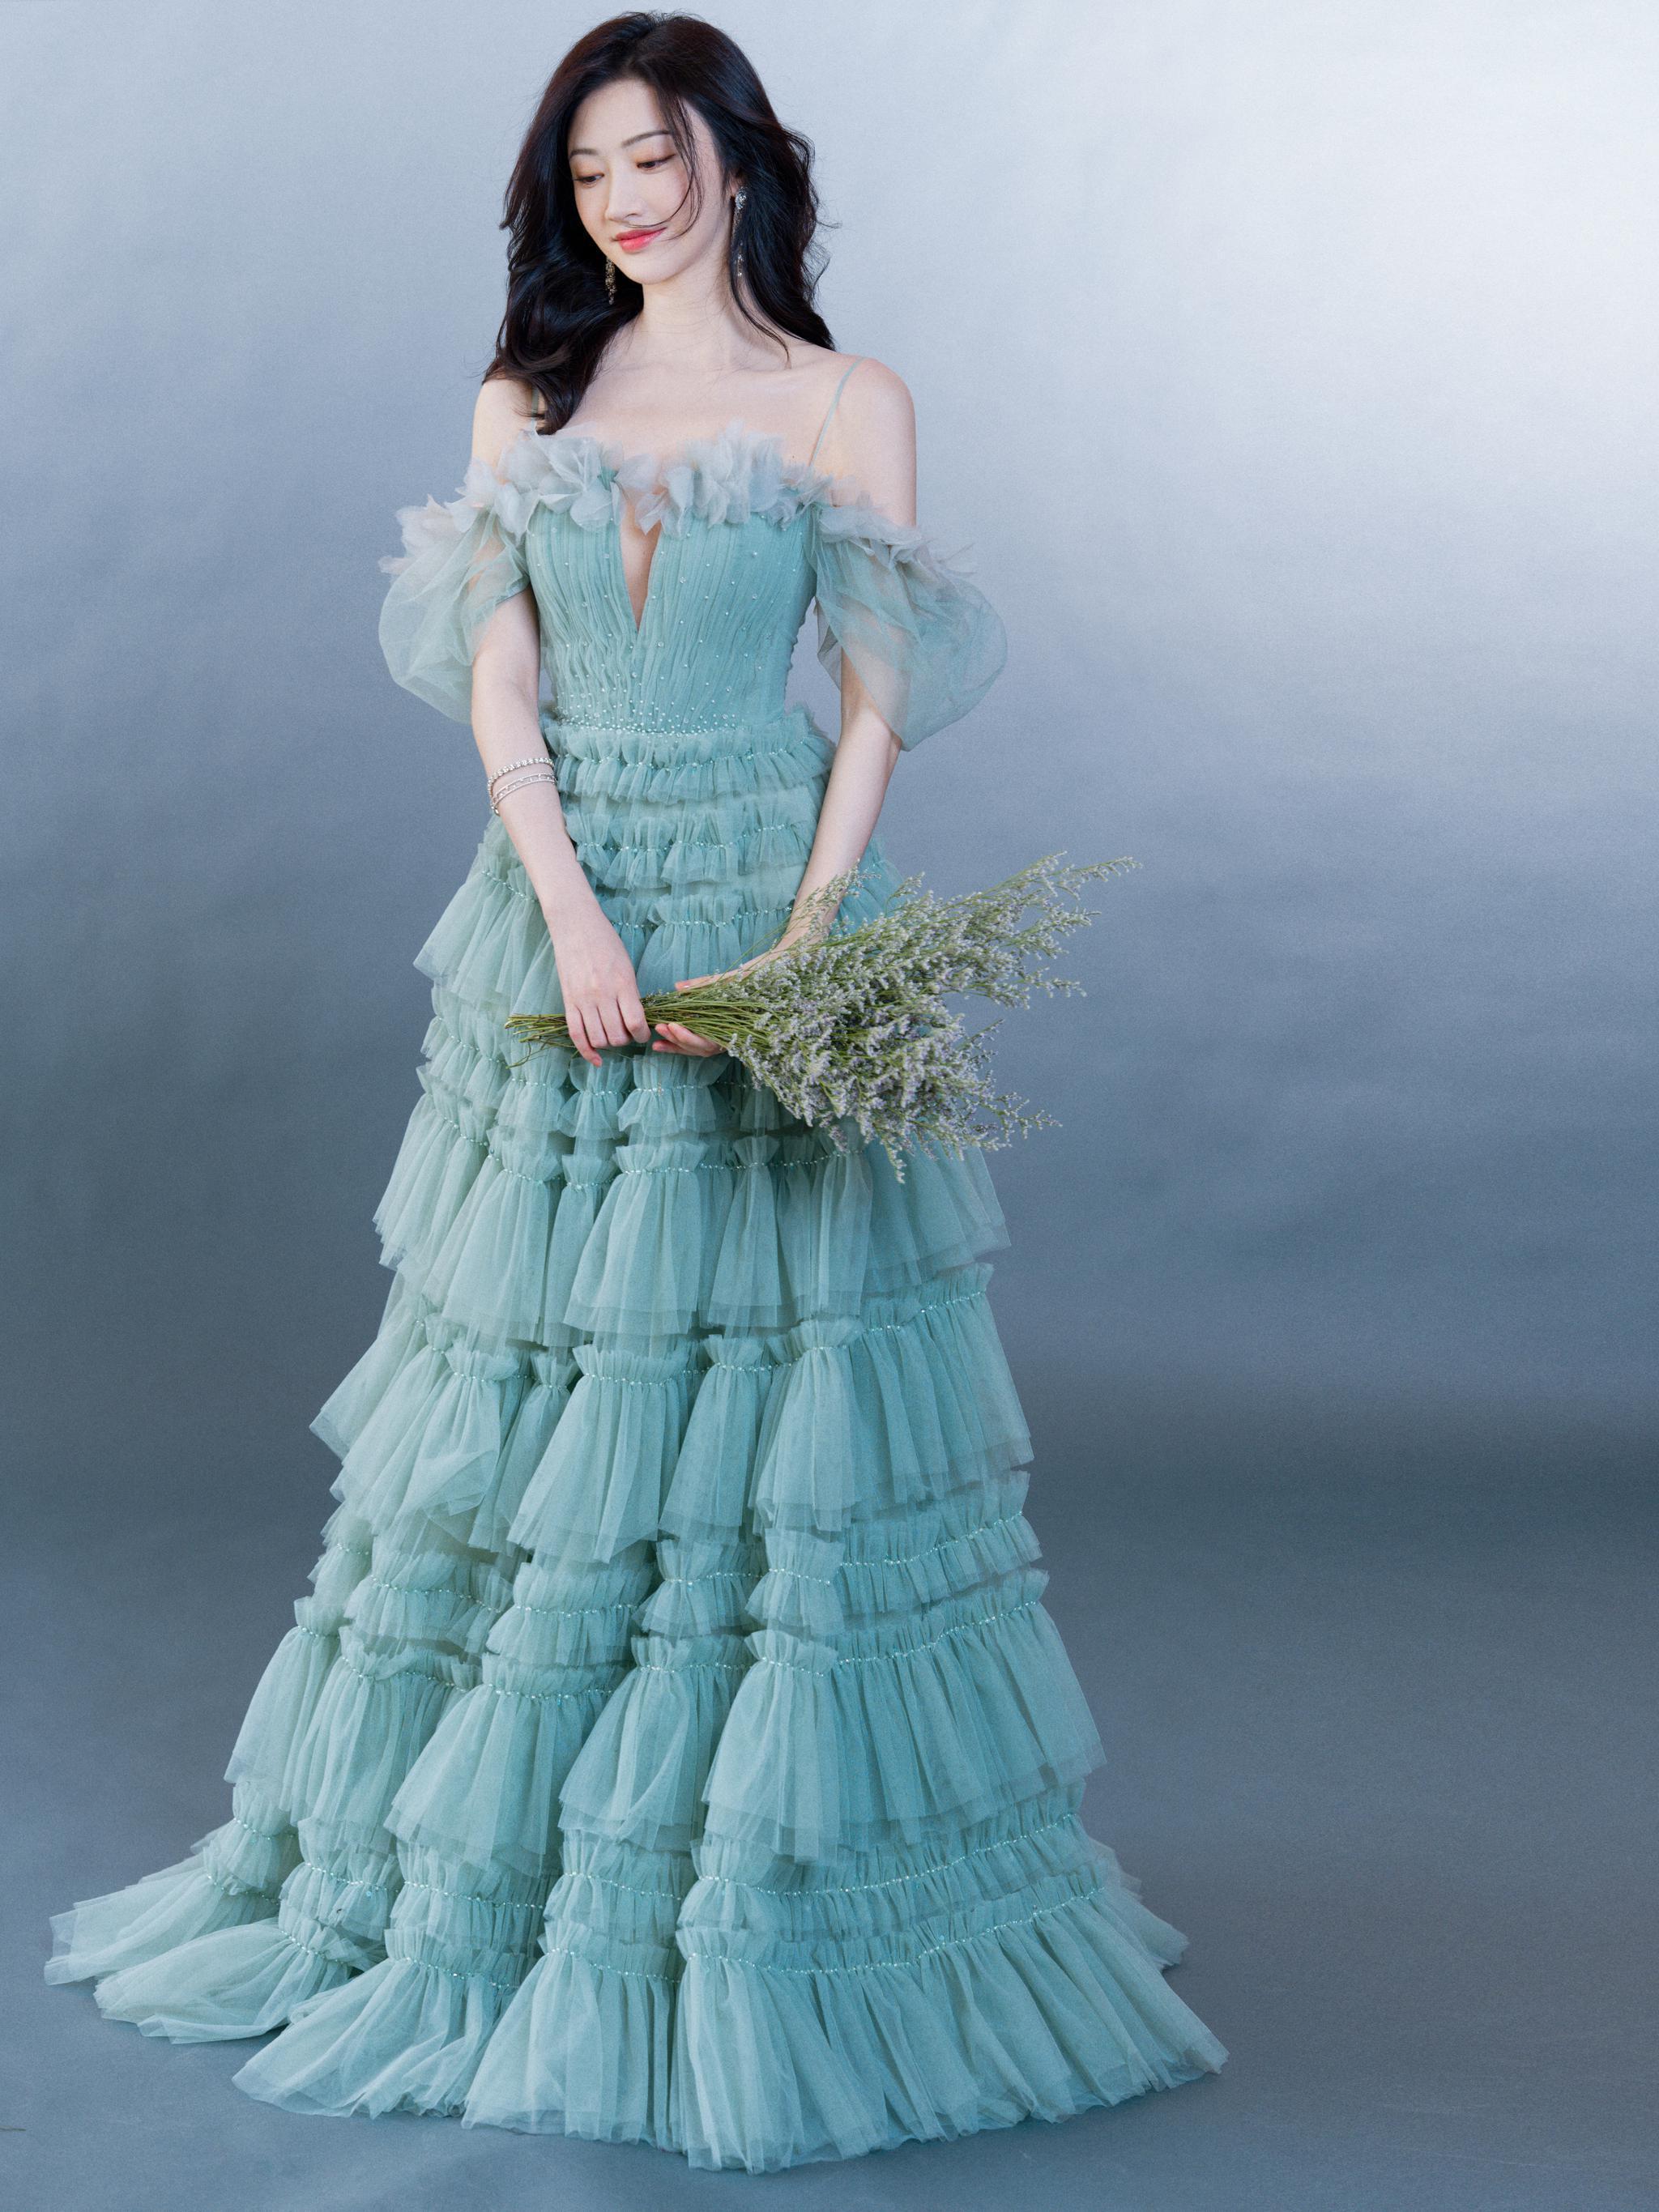 端午晚会造型,一袭烟波绿蛋糕礼裙搭配流苏耳饰……